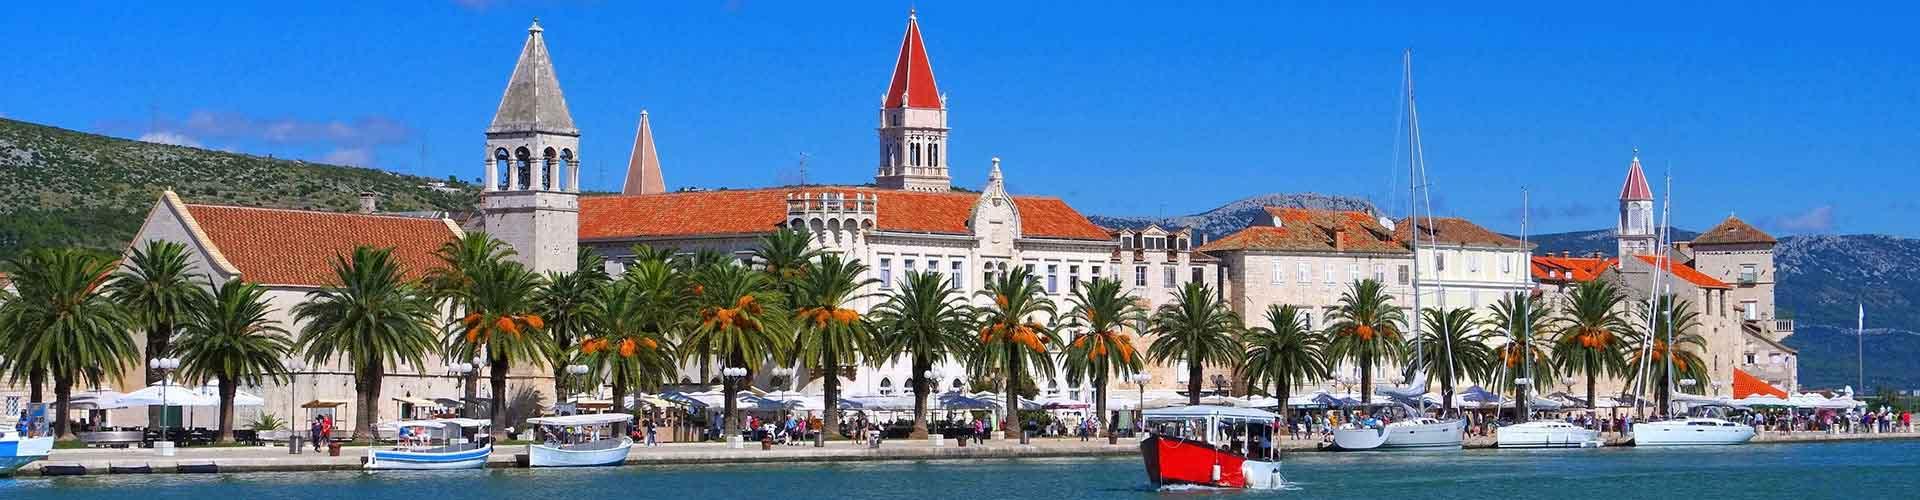 Trogir - Hôtels à Trogir. Cartes pour Trogir, photos et commentaires pour chaque hôtel à Trogir.